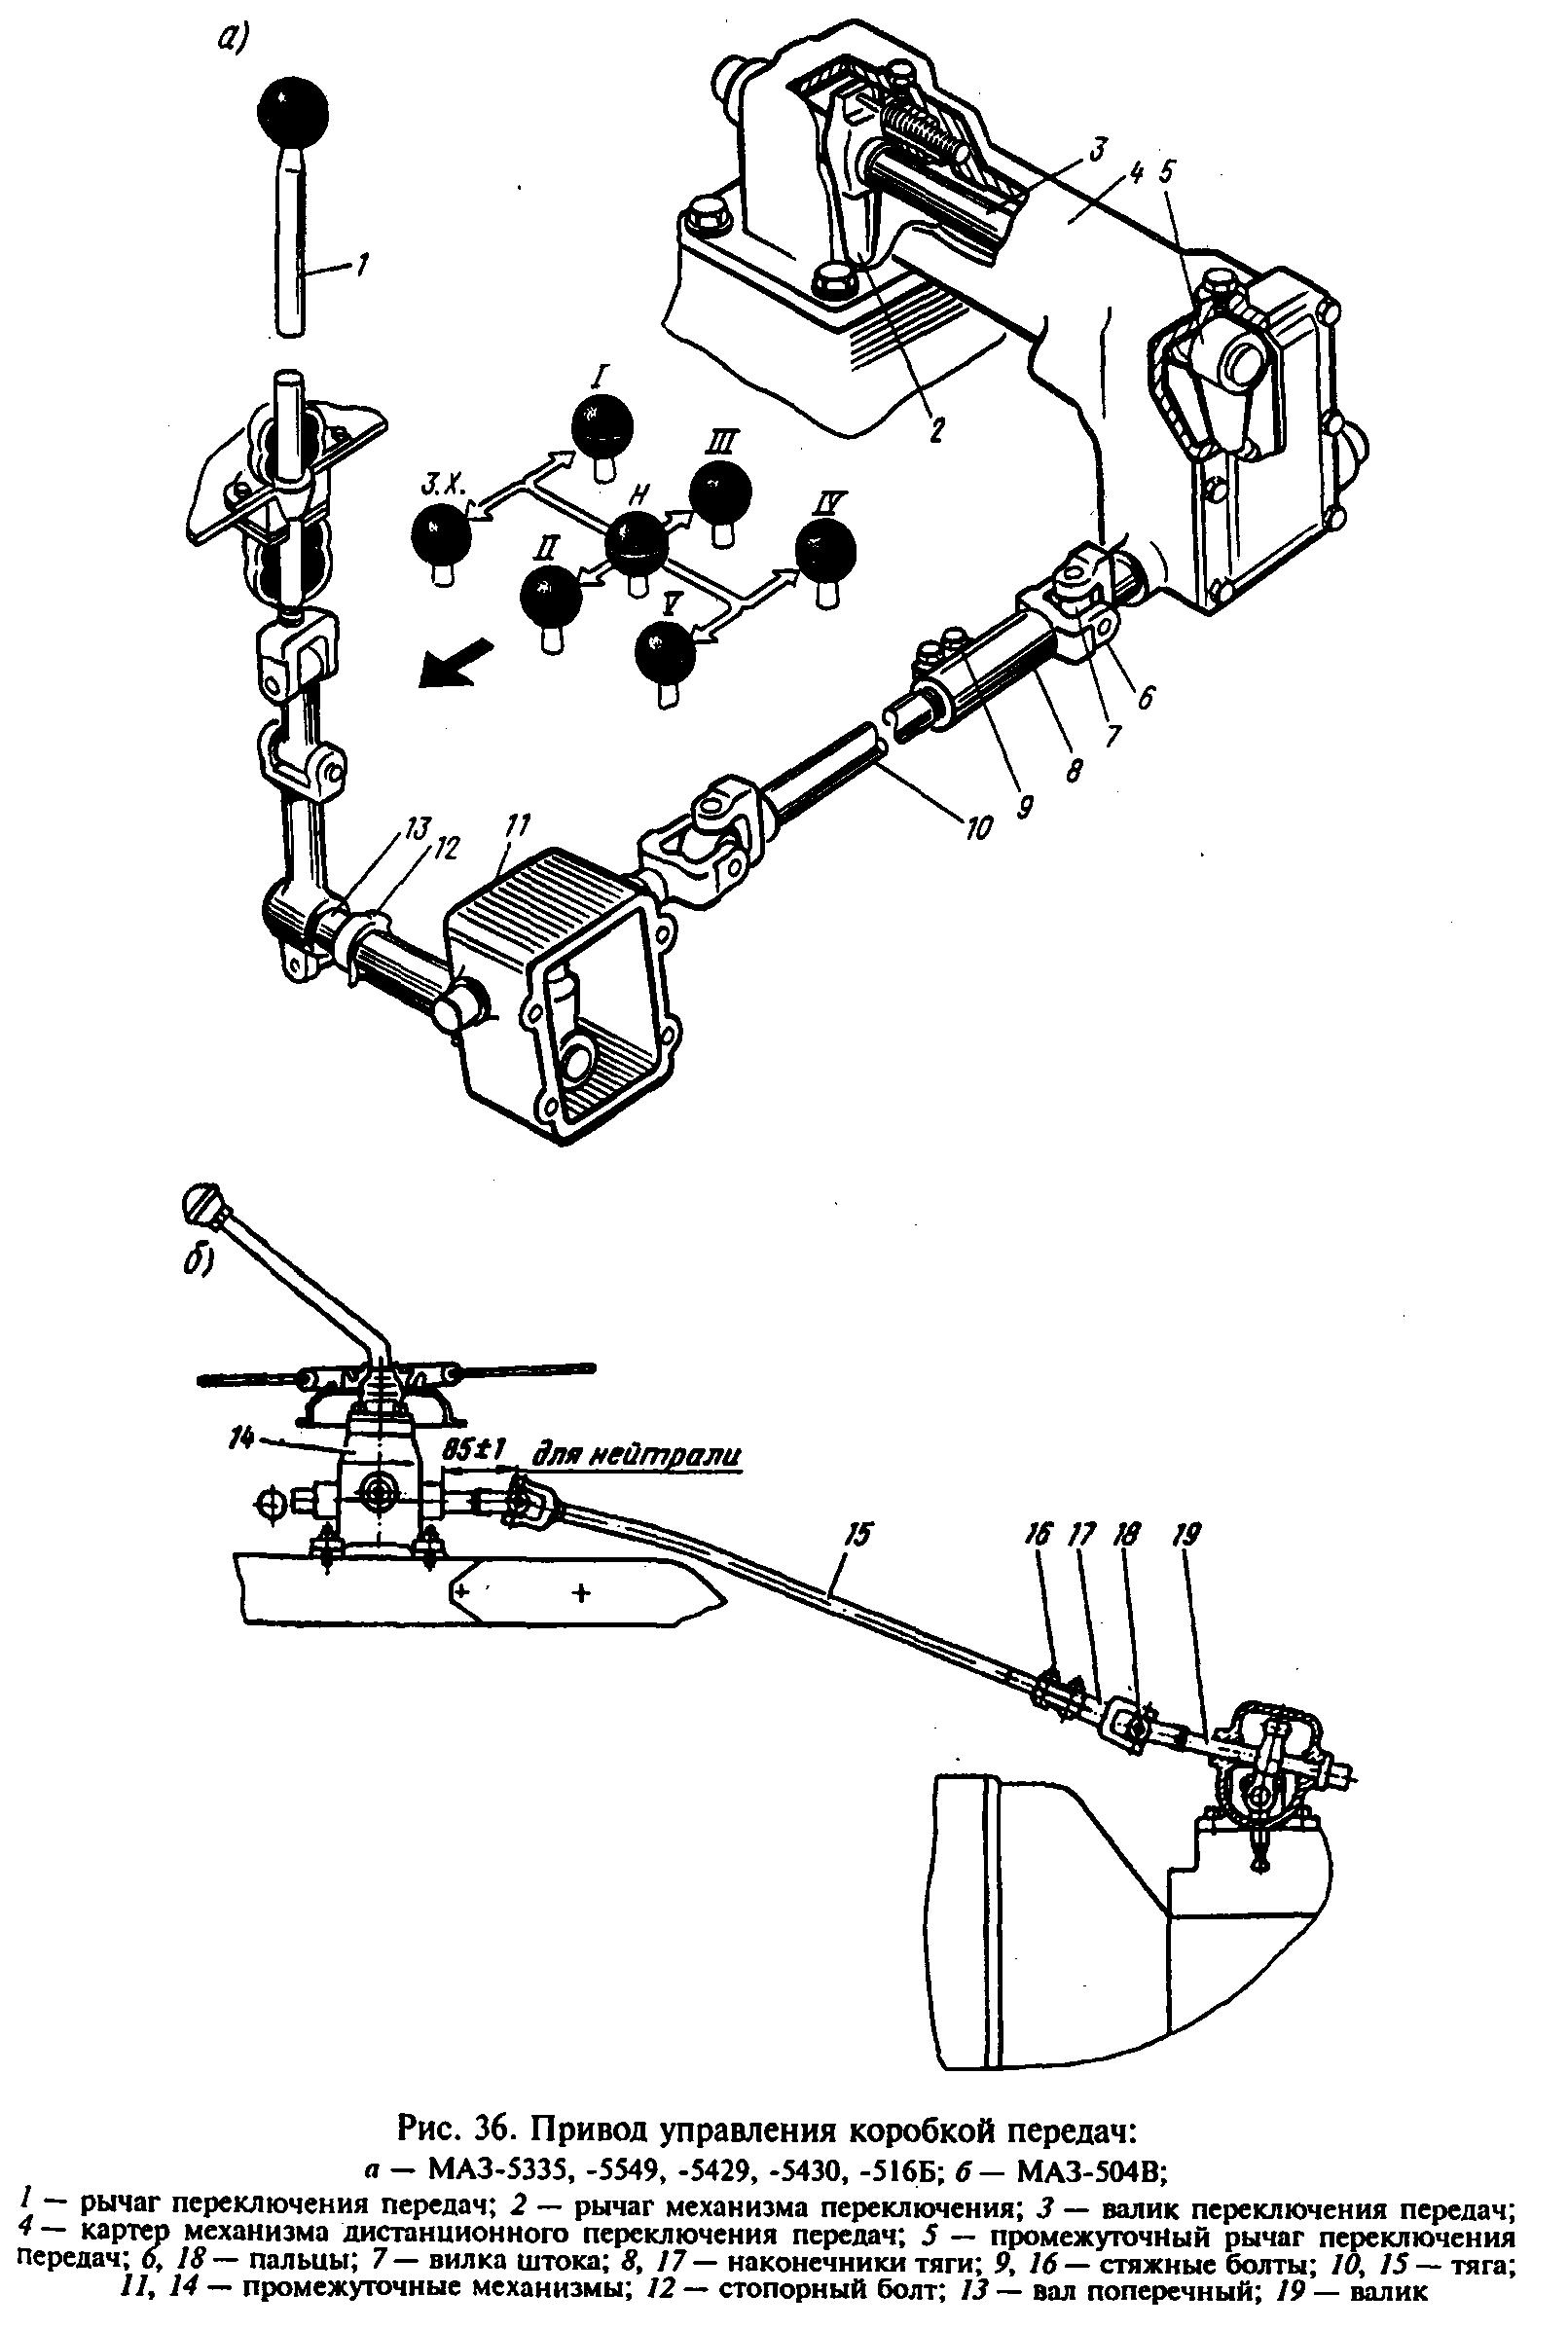 Схема переключения передач маз 9 ступенчатая фото 490